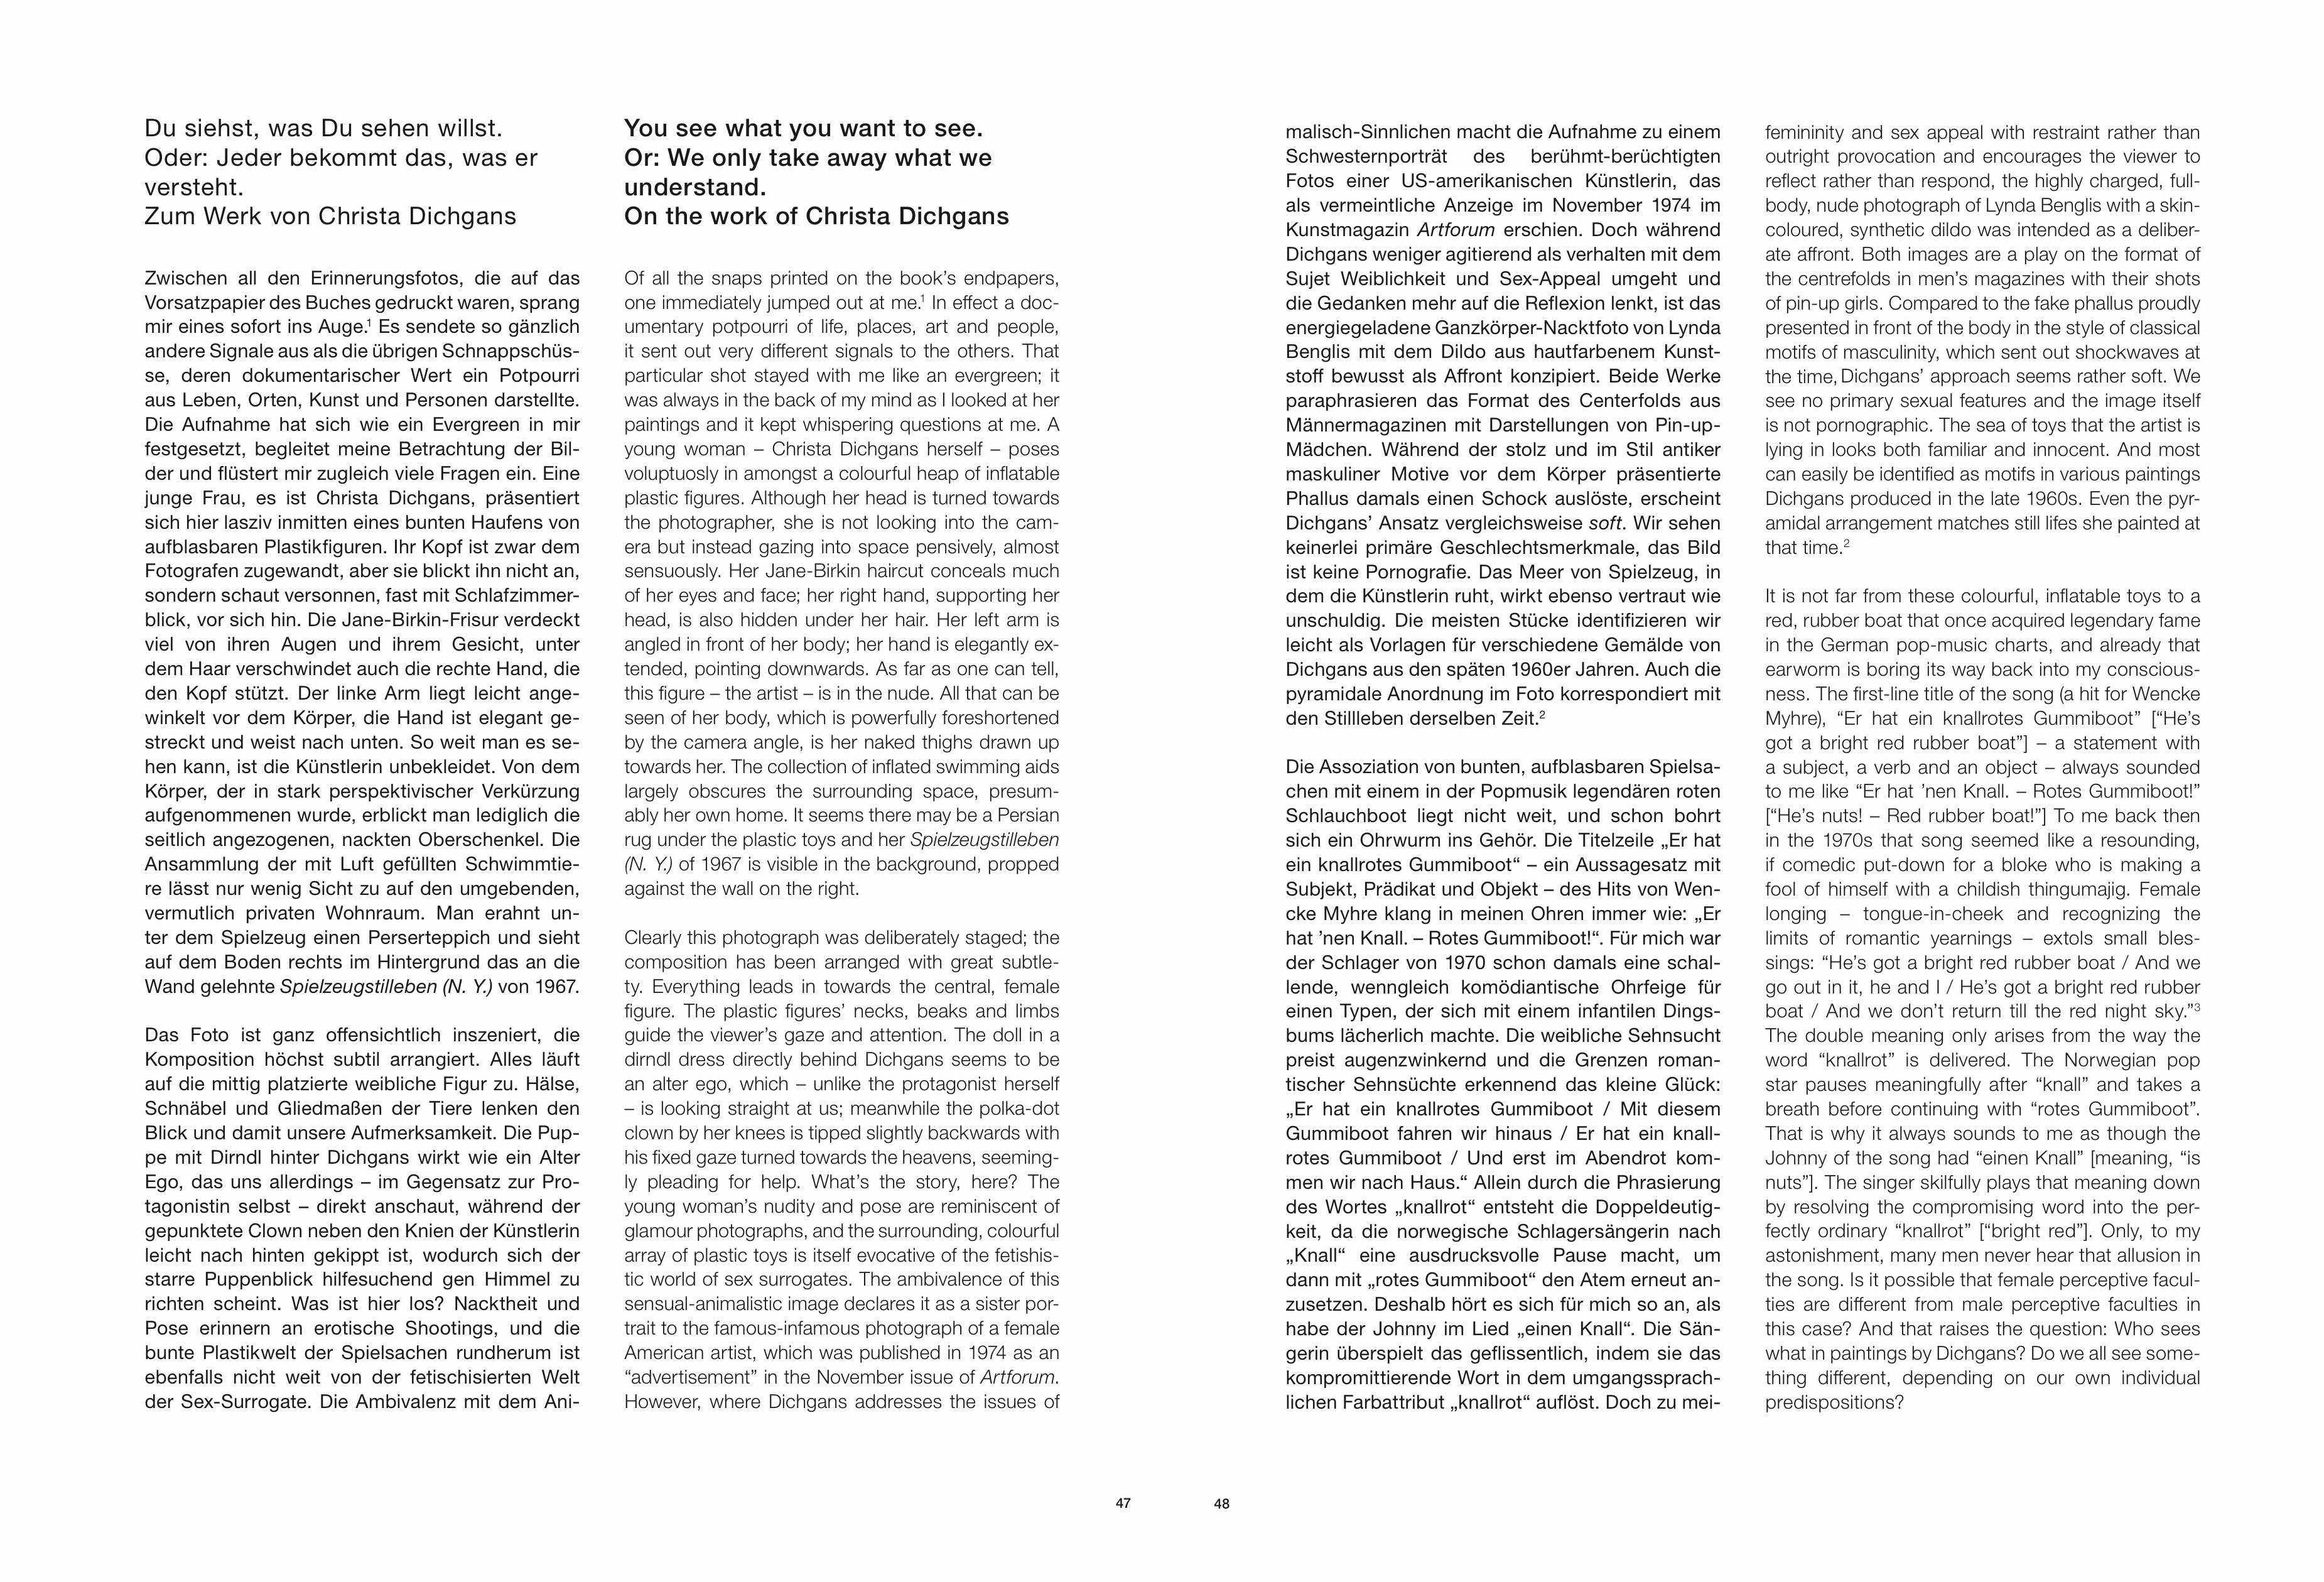 Seiten 47 48